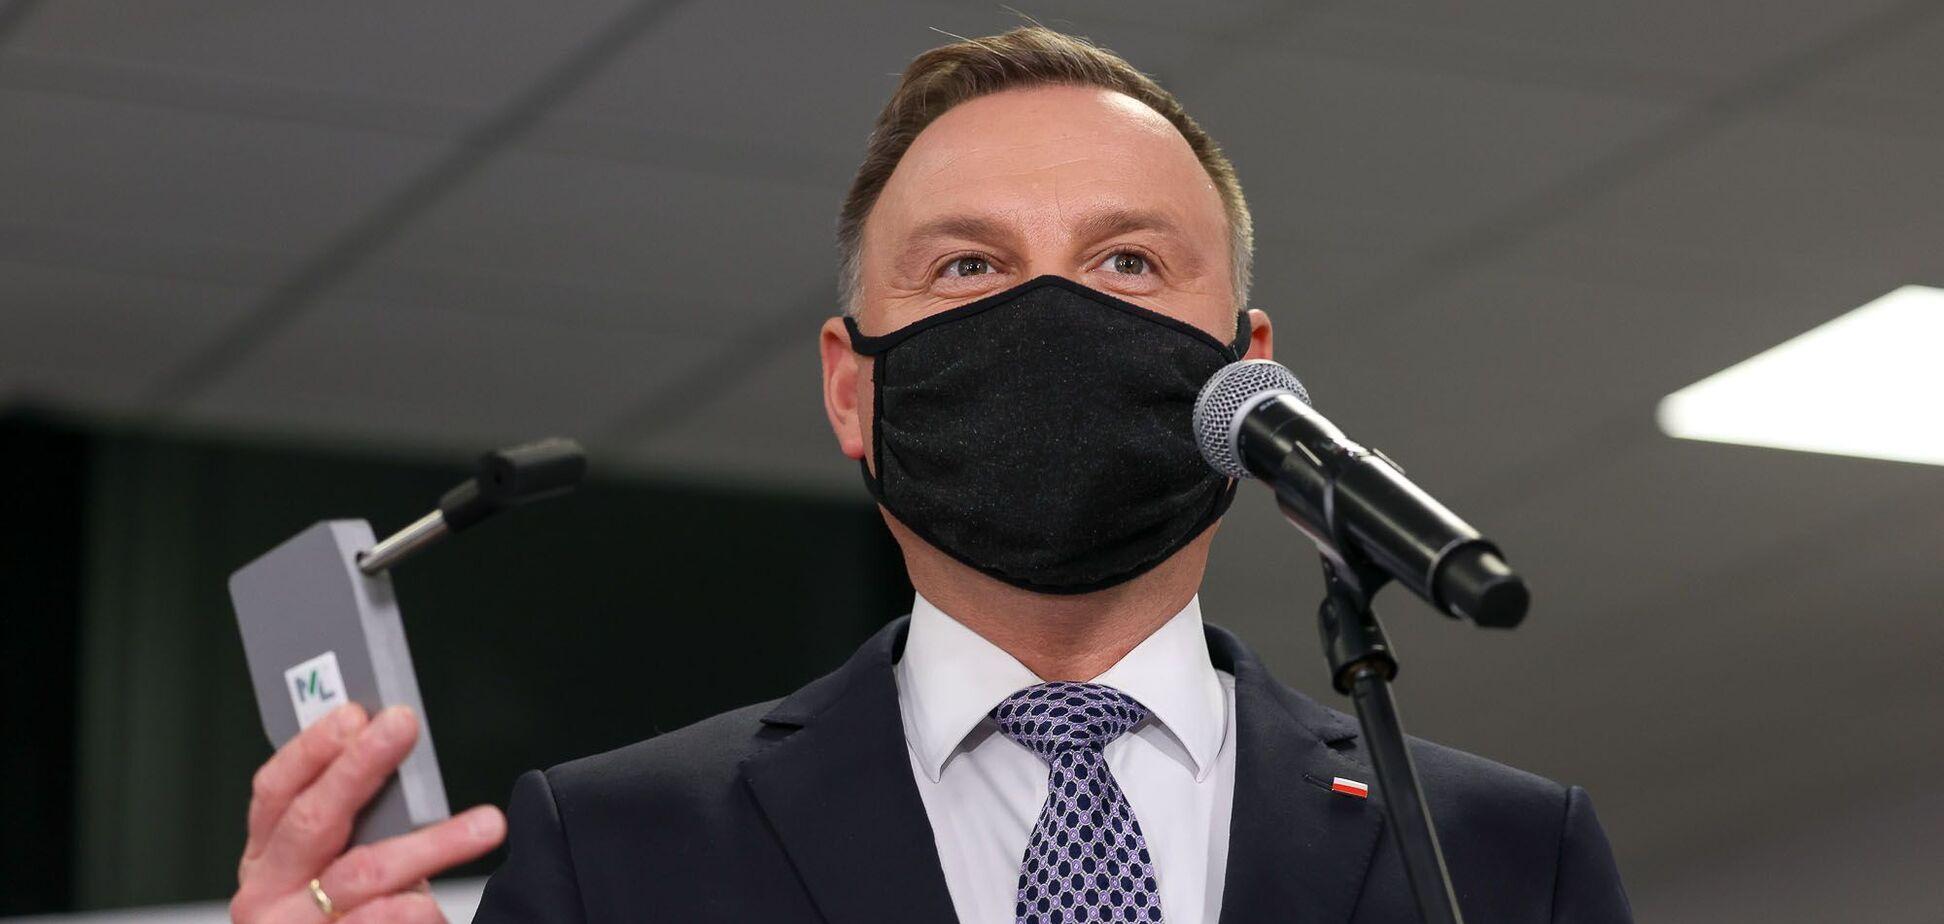 В Польше разработали 'драгер' для проверки на коронавирус